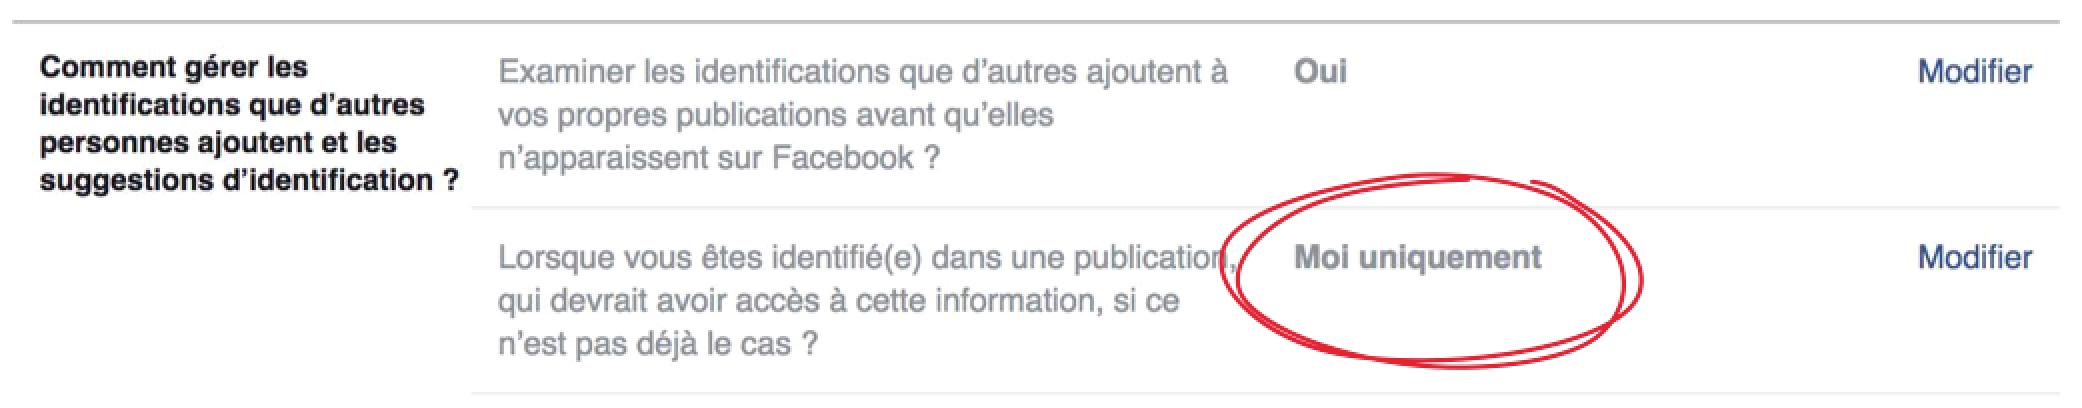 Concours Facebook Interdit d'exiger de « taguer » identifier des amis